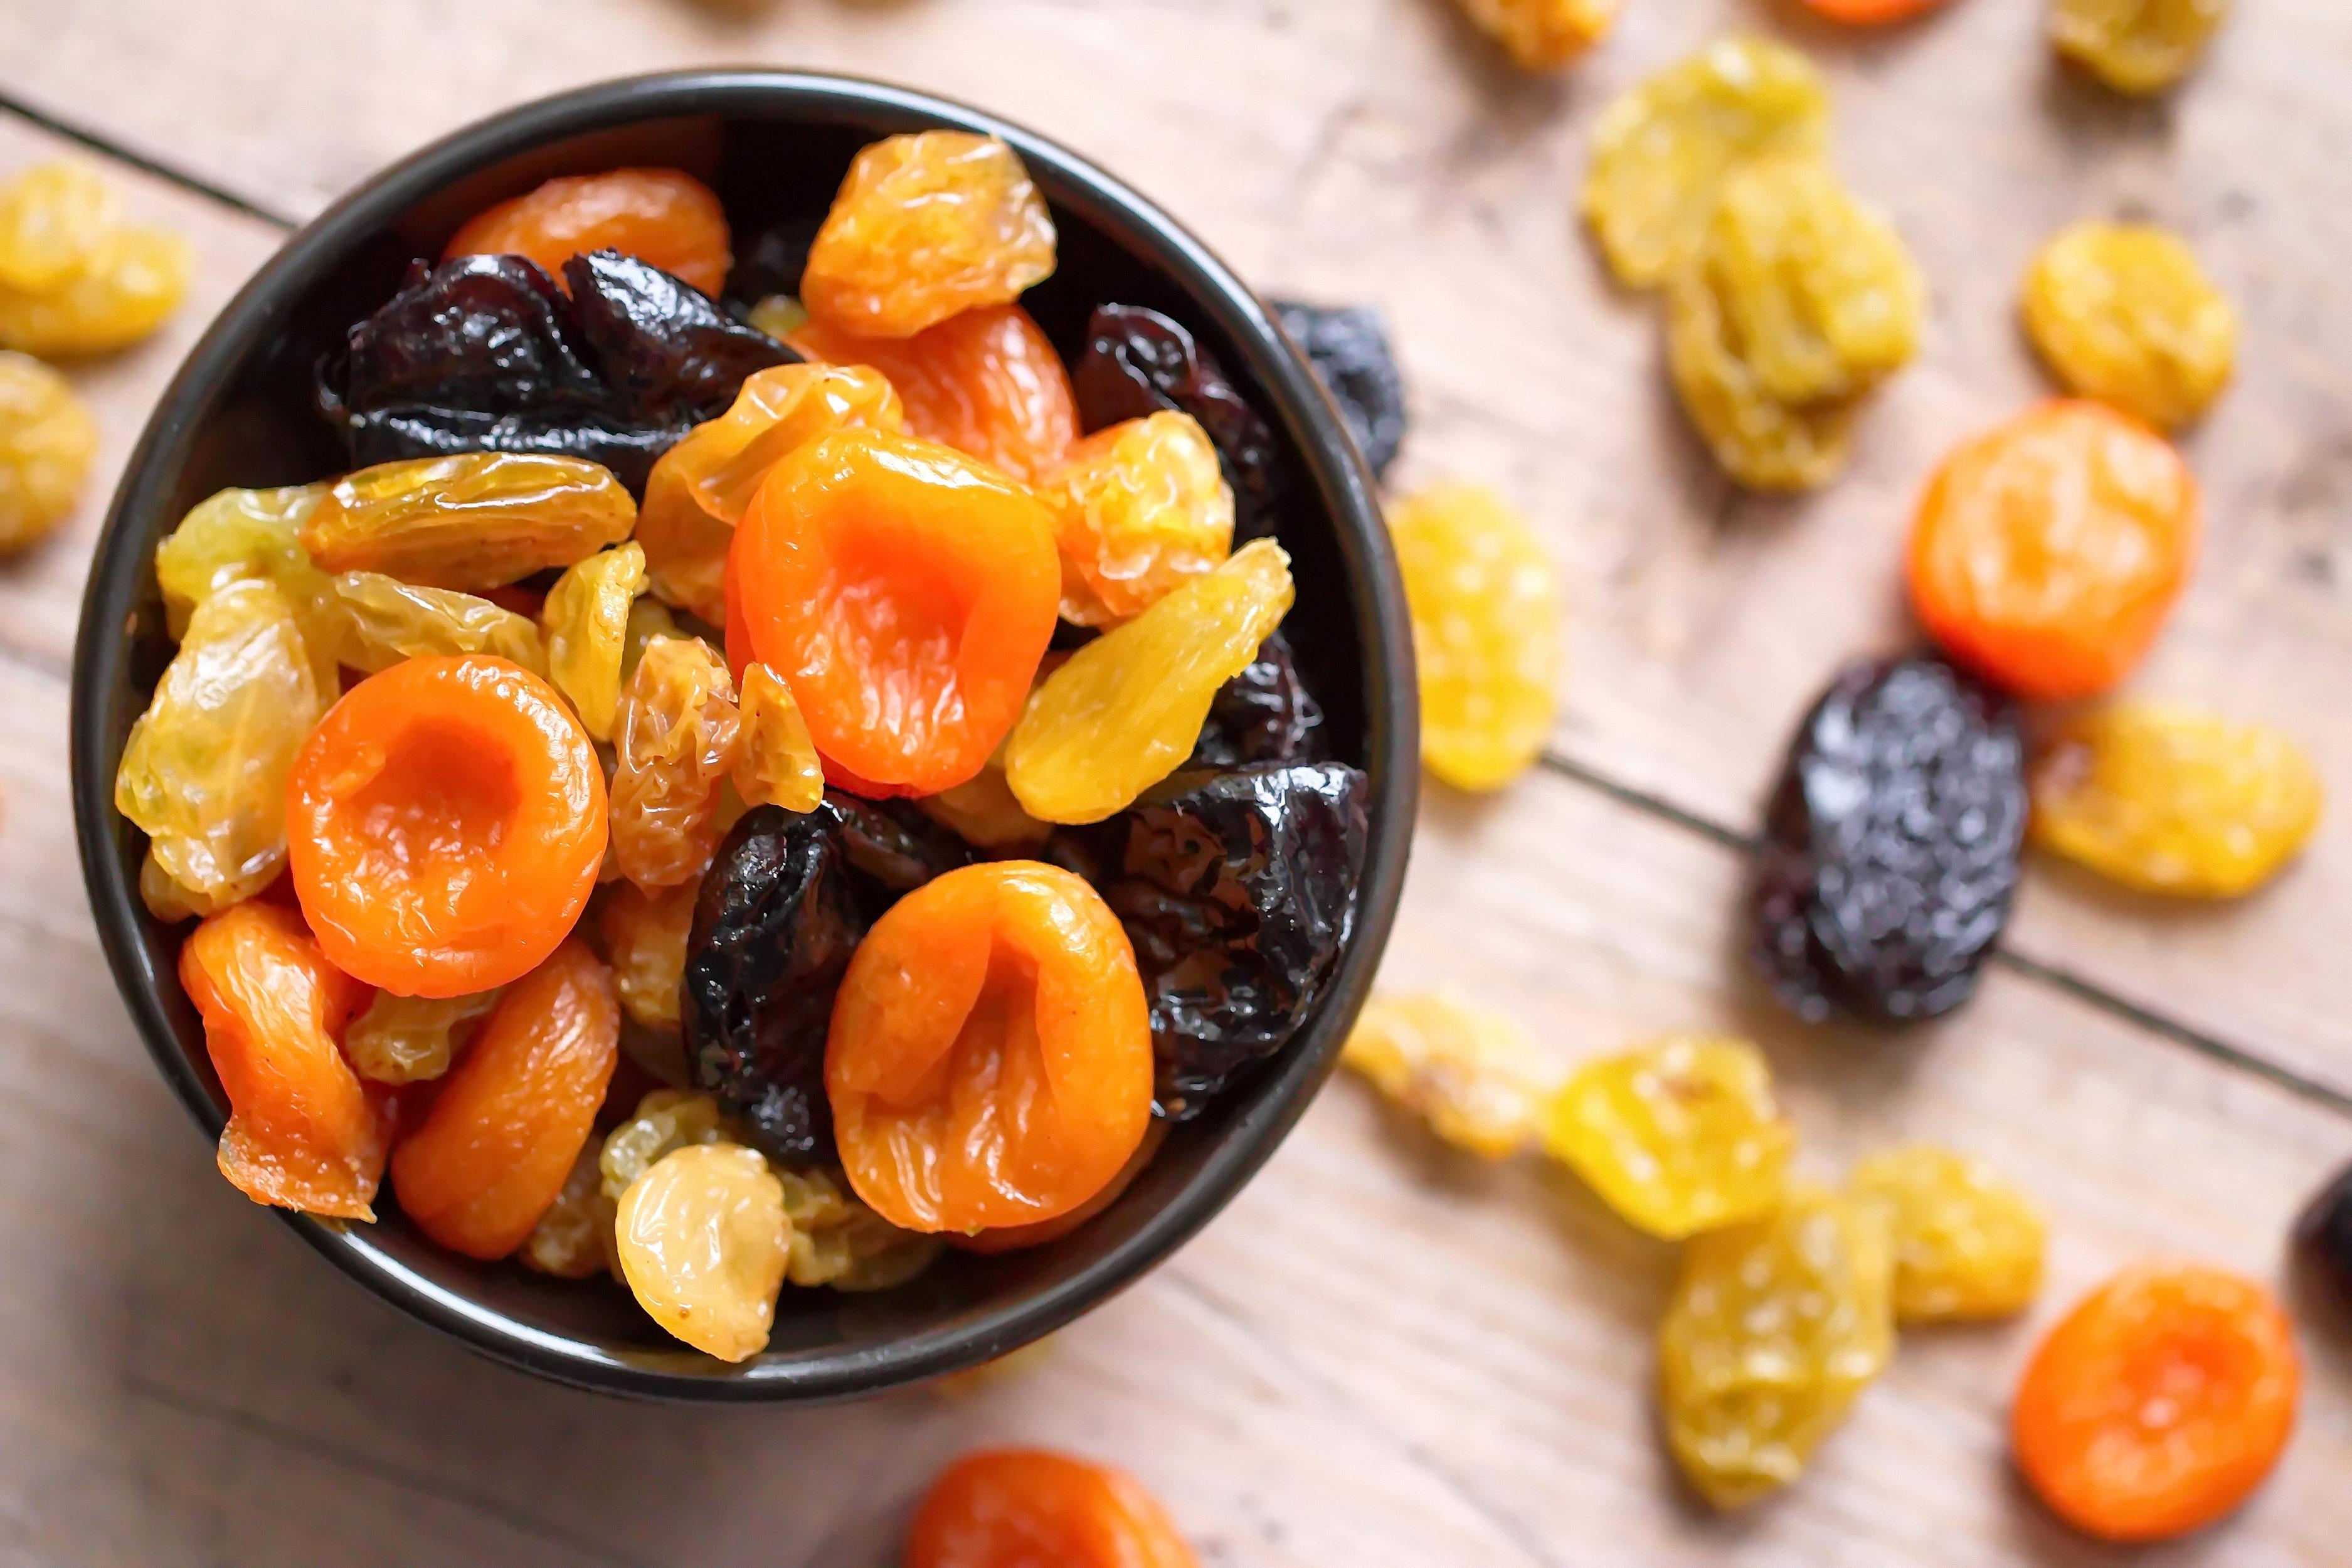 sušeno voće sportska prehrana ugljikohidrati